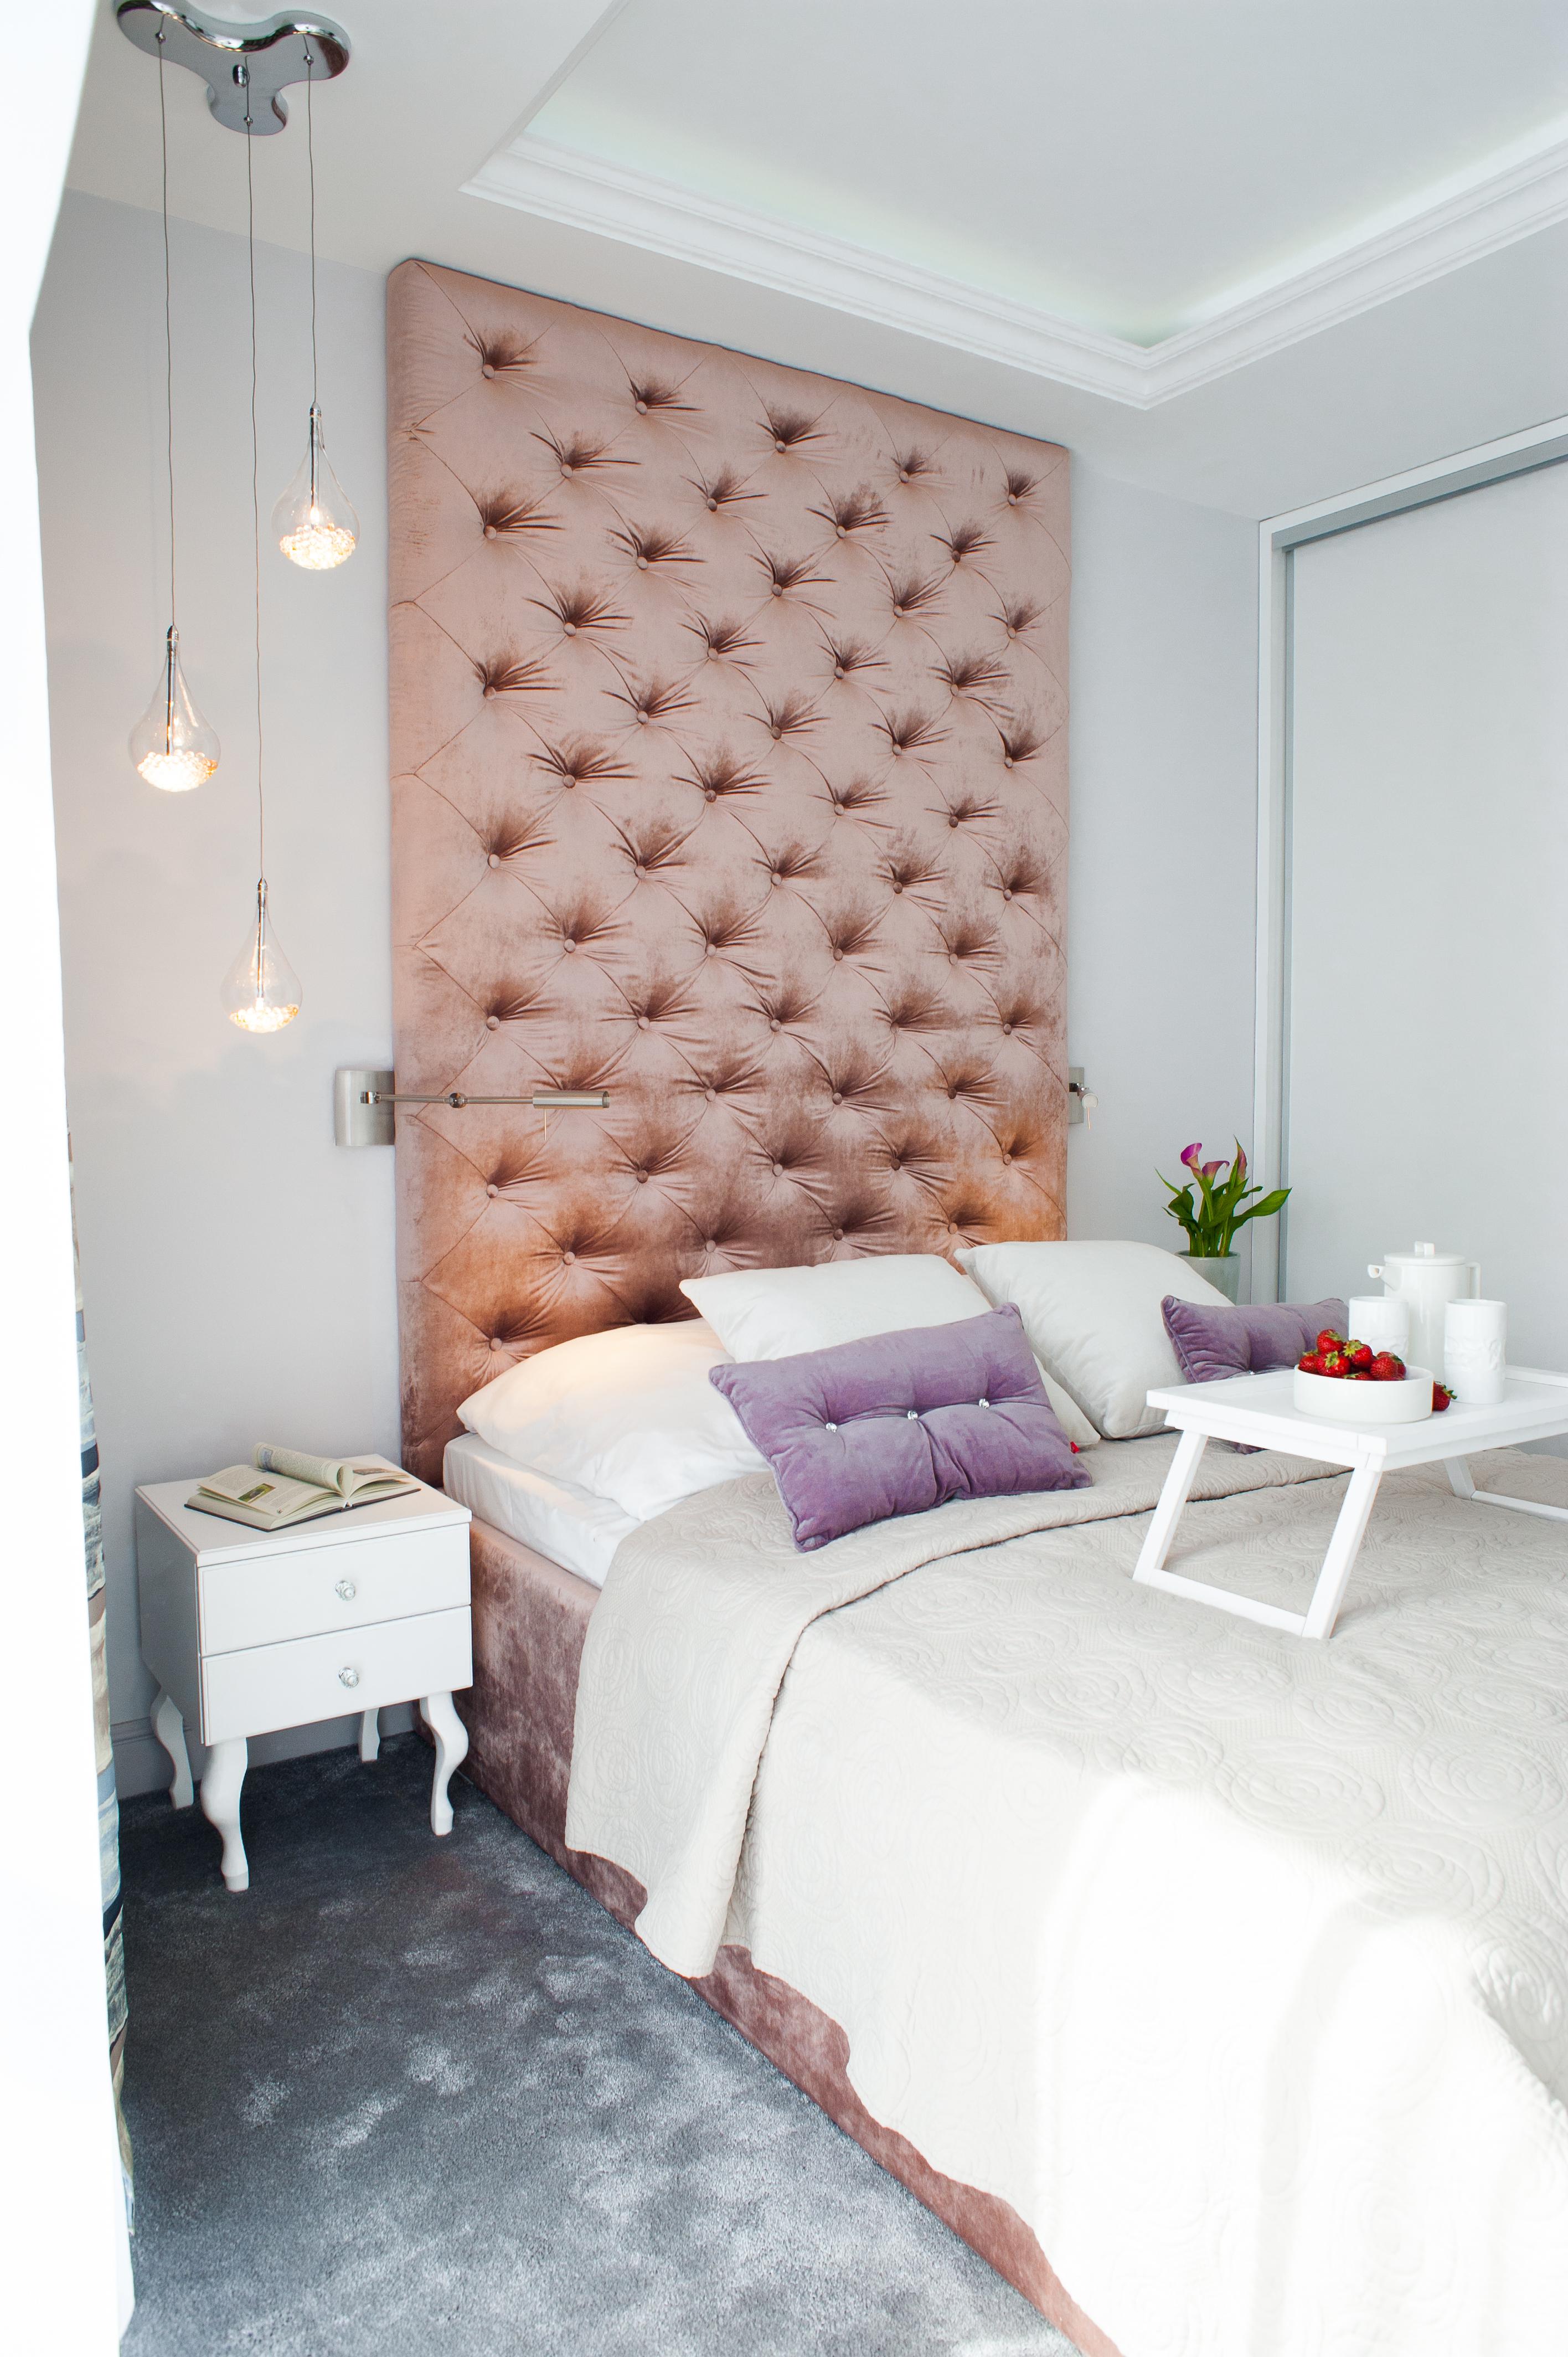 Francuska Kamienica: styl , w kategorii Sypialnia zaprojektowany przez Arkadiusz Grzędzicki projektowanie wnętrz